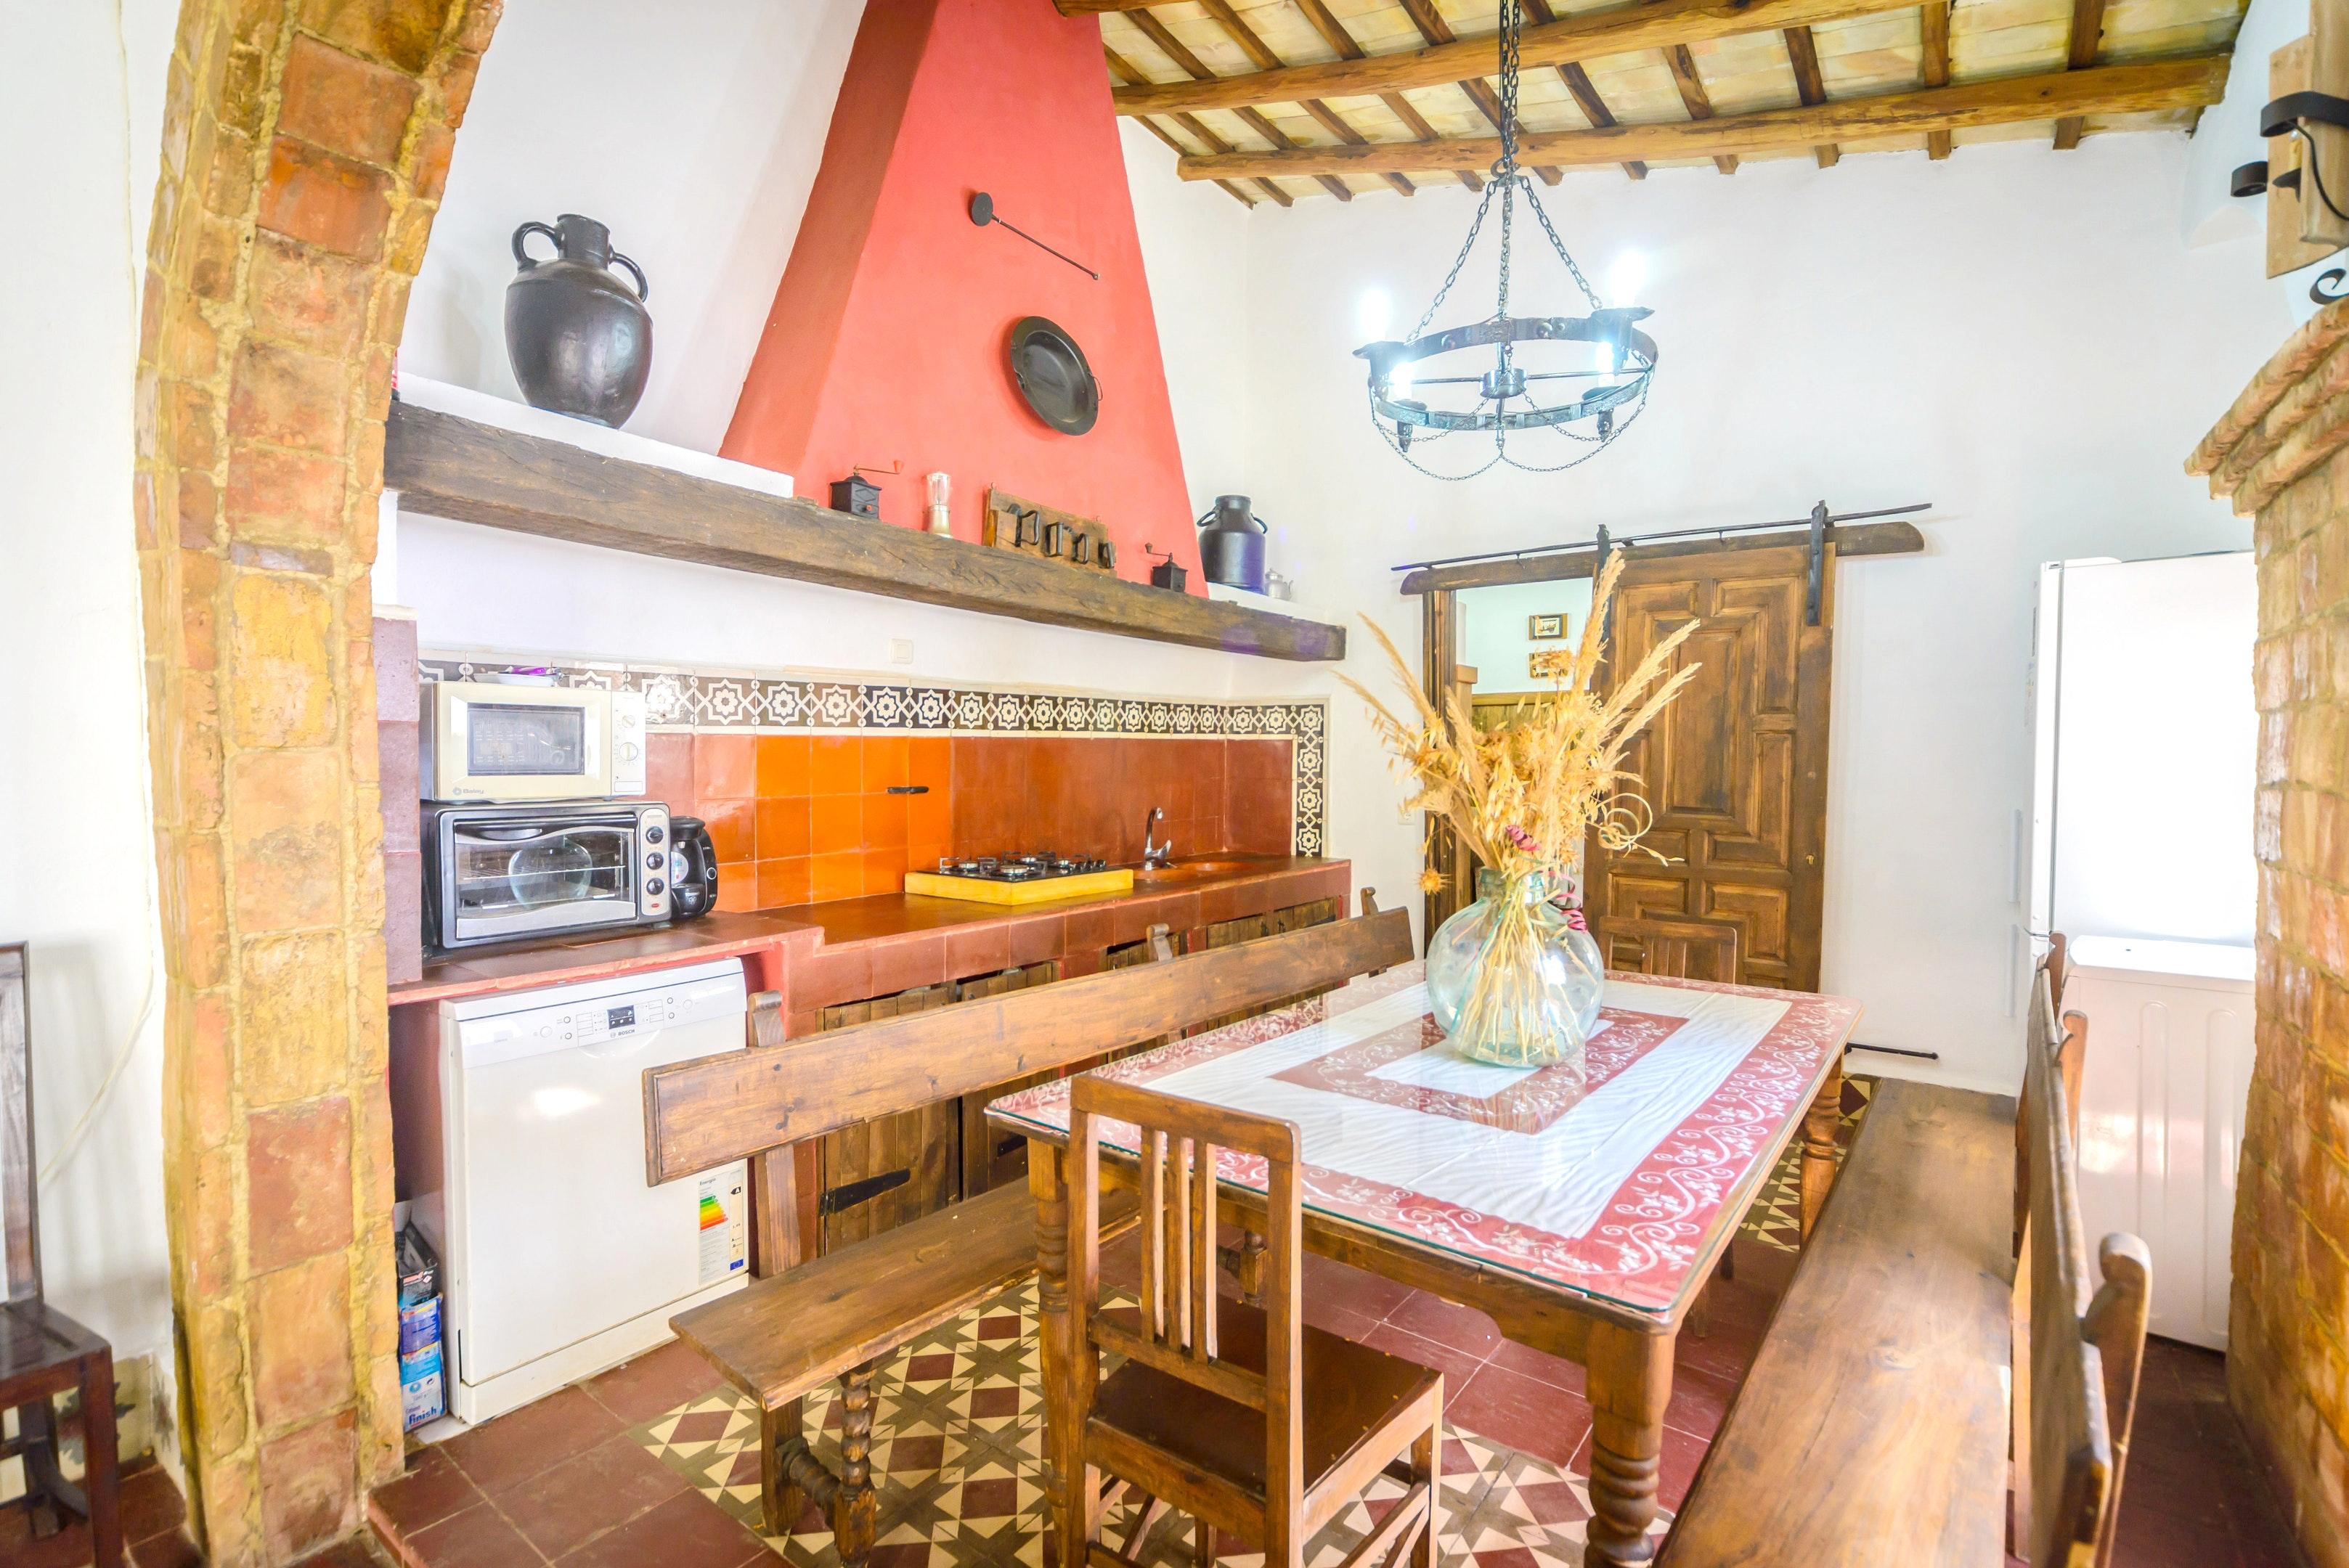 Ferienhaus Villa mit 3 Schlafzimmern in Peñaflor mit privatem Pool, eingezäuntem Garten und W-LAN (2208249), Peñaflor, Sevilla, Andalusien, Spanien, Bild 11